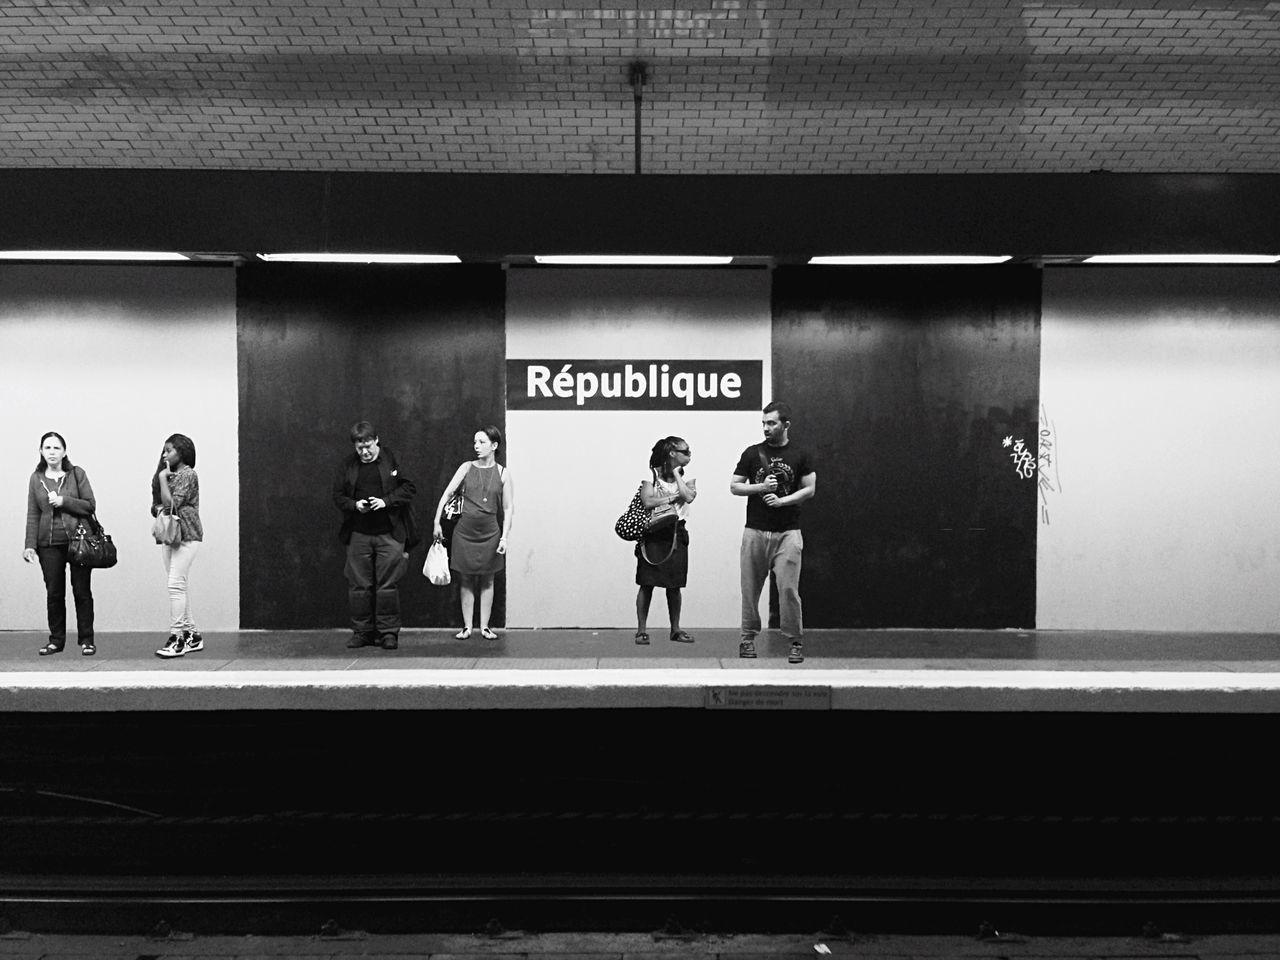 """Bnw_friday_eyeemchallenge Train Friday Challenge """"Je veux que la République ait deux noms : qu'elle s'appelle Liberté, et qu'elle s'appelle chose publique."""" Victor Hugo Station Republique Metro Urban Geometry Urbanphotography Metro Station Subway Metro Paris People People Watching Peoplephotography People Photography People Waiting Waiting Waiting For A Train MeltingPot Blackandwhite Bnw_life Bnw Black And White Blackandwhite Photography Black & White Open Edit OpenEdit"""